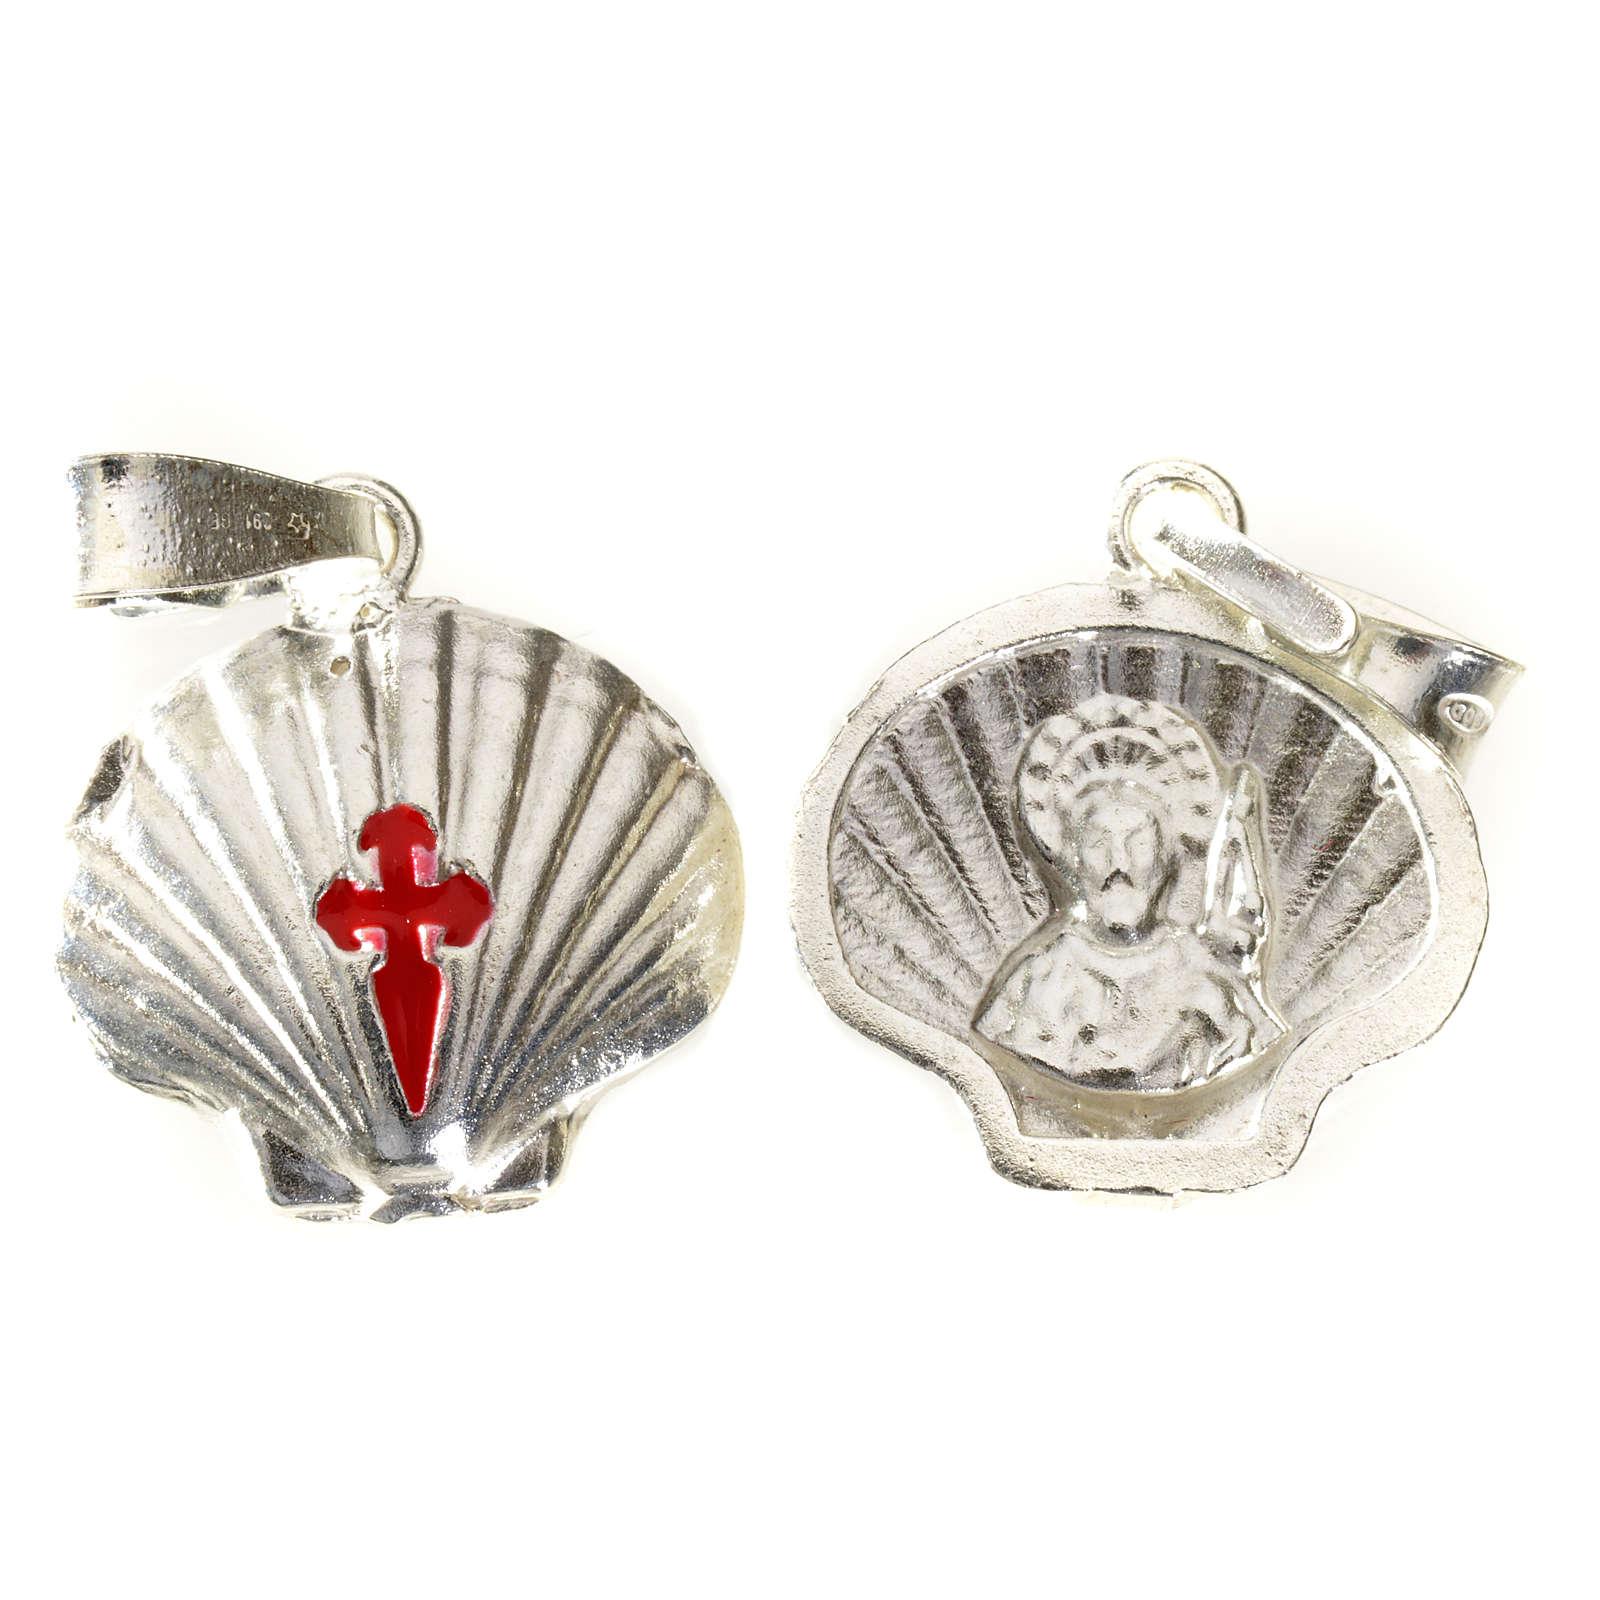 Pendant charm in 925 silver, Santiago de Compostela scallop shell 4